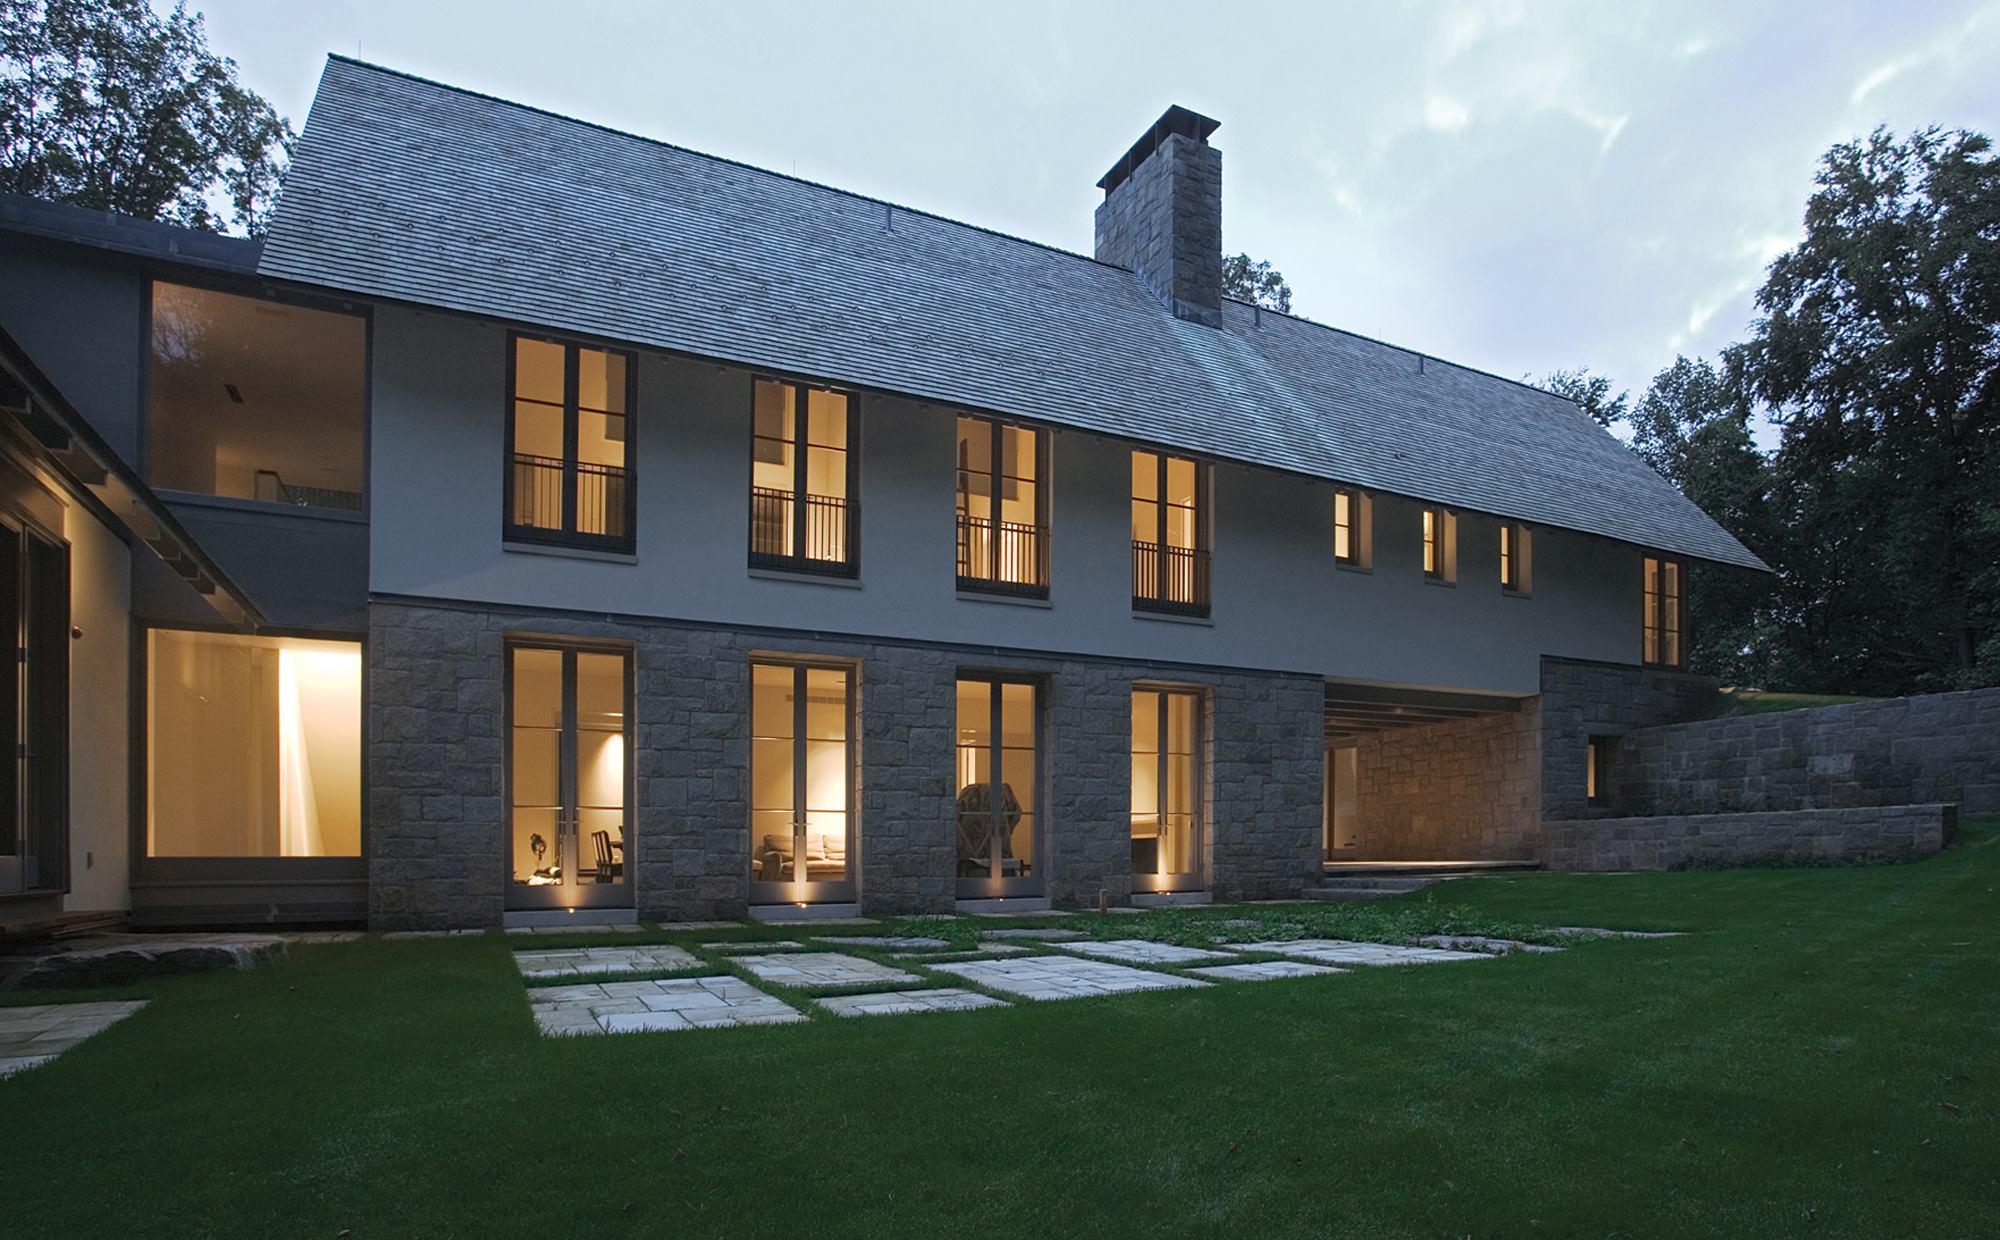 Mianus river residence stamford conn residential for Residential architect design awards